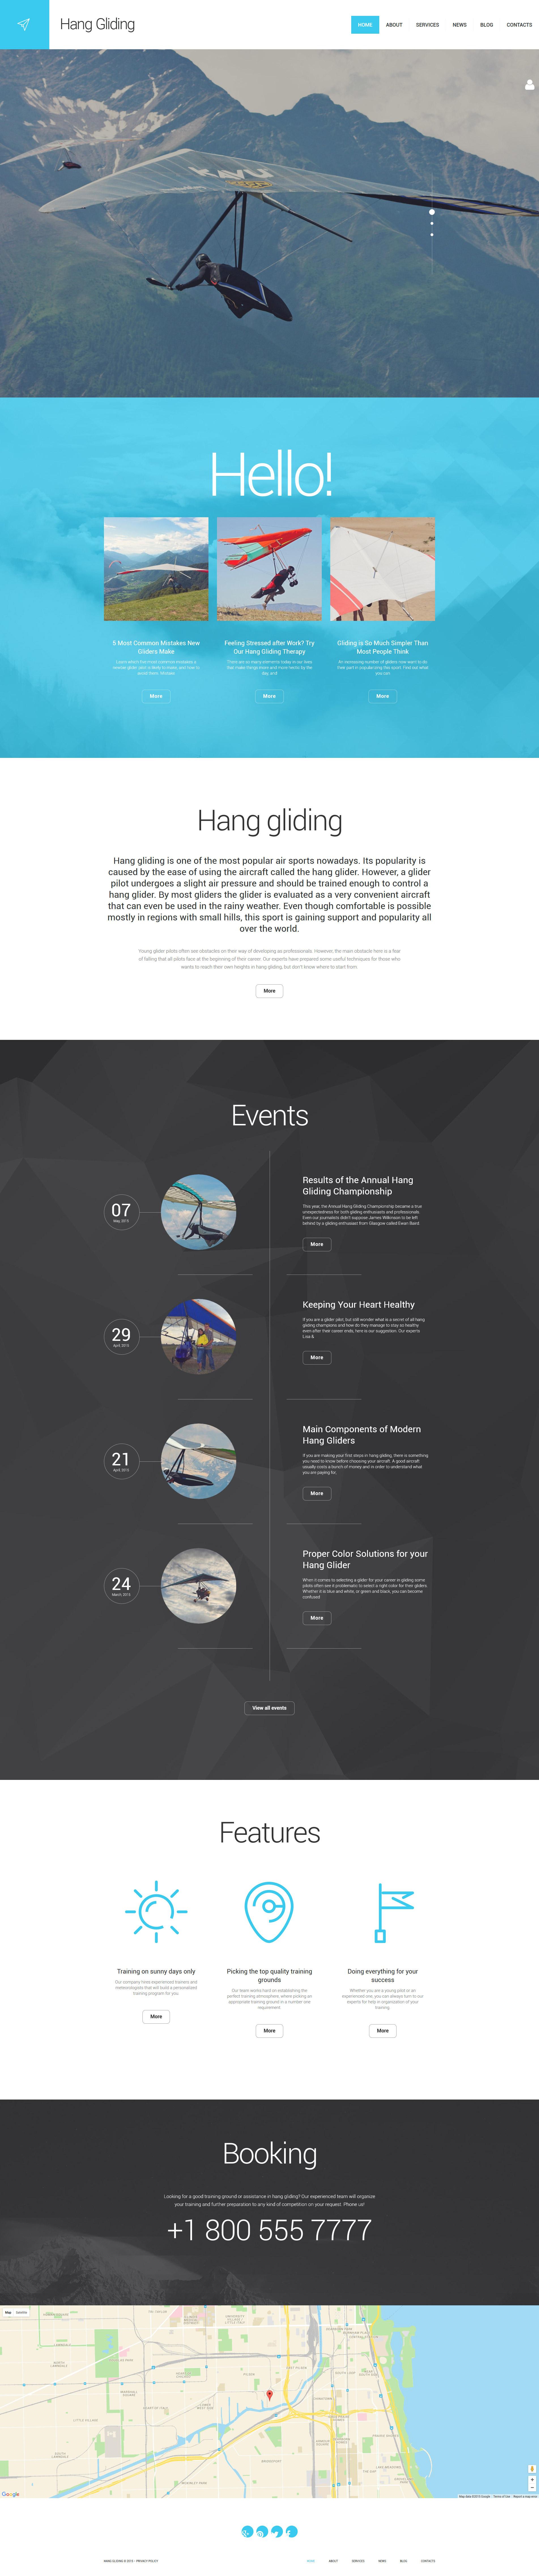 Reszponzív Hang Gliding WordPress sablon 55966 - képernyőkép